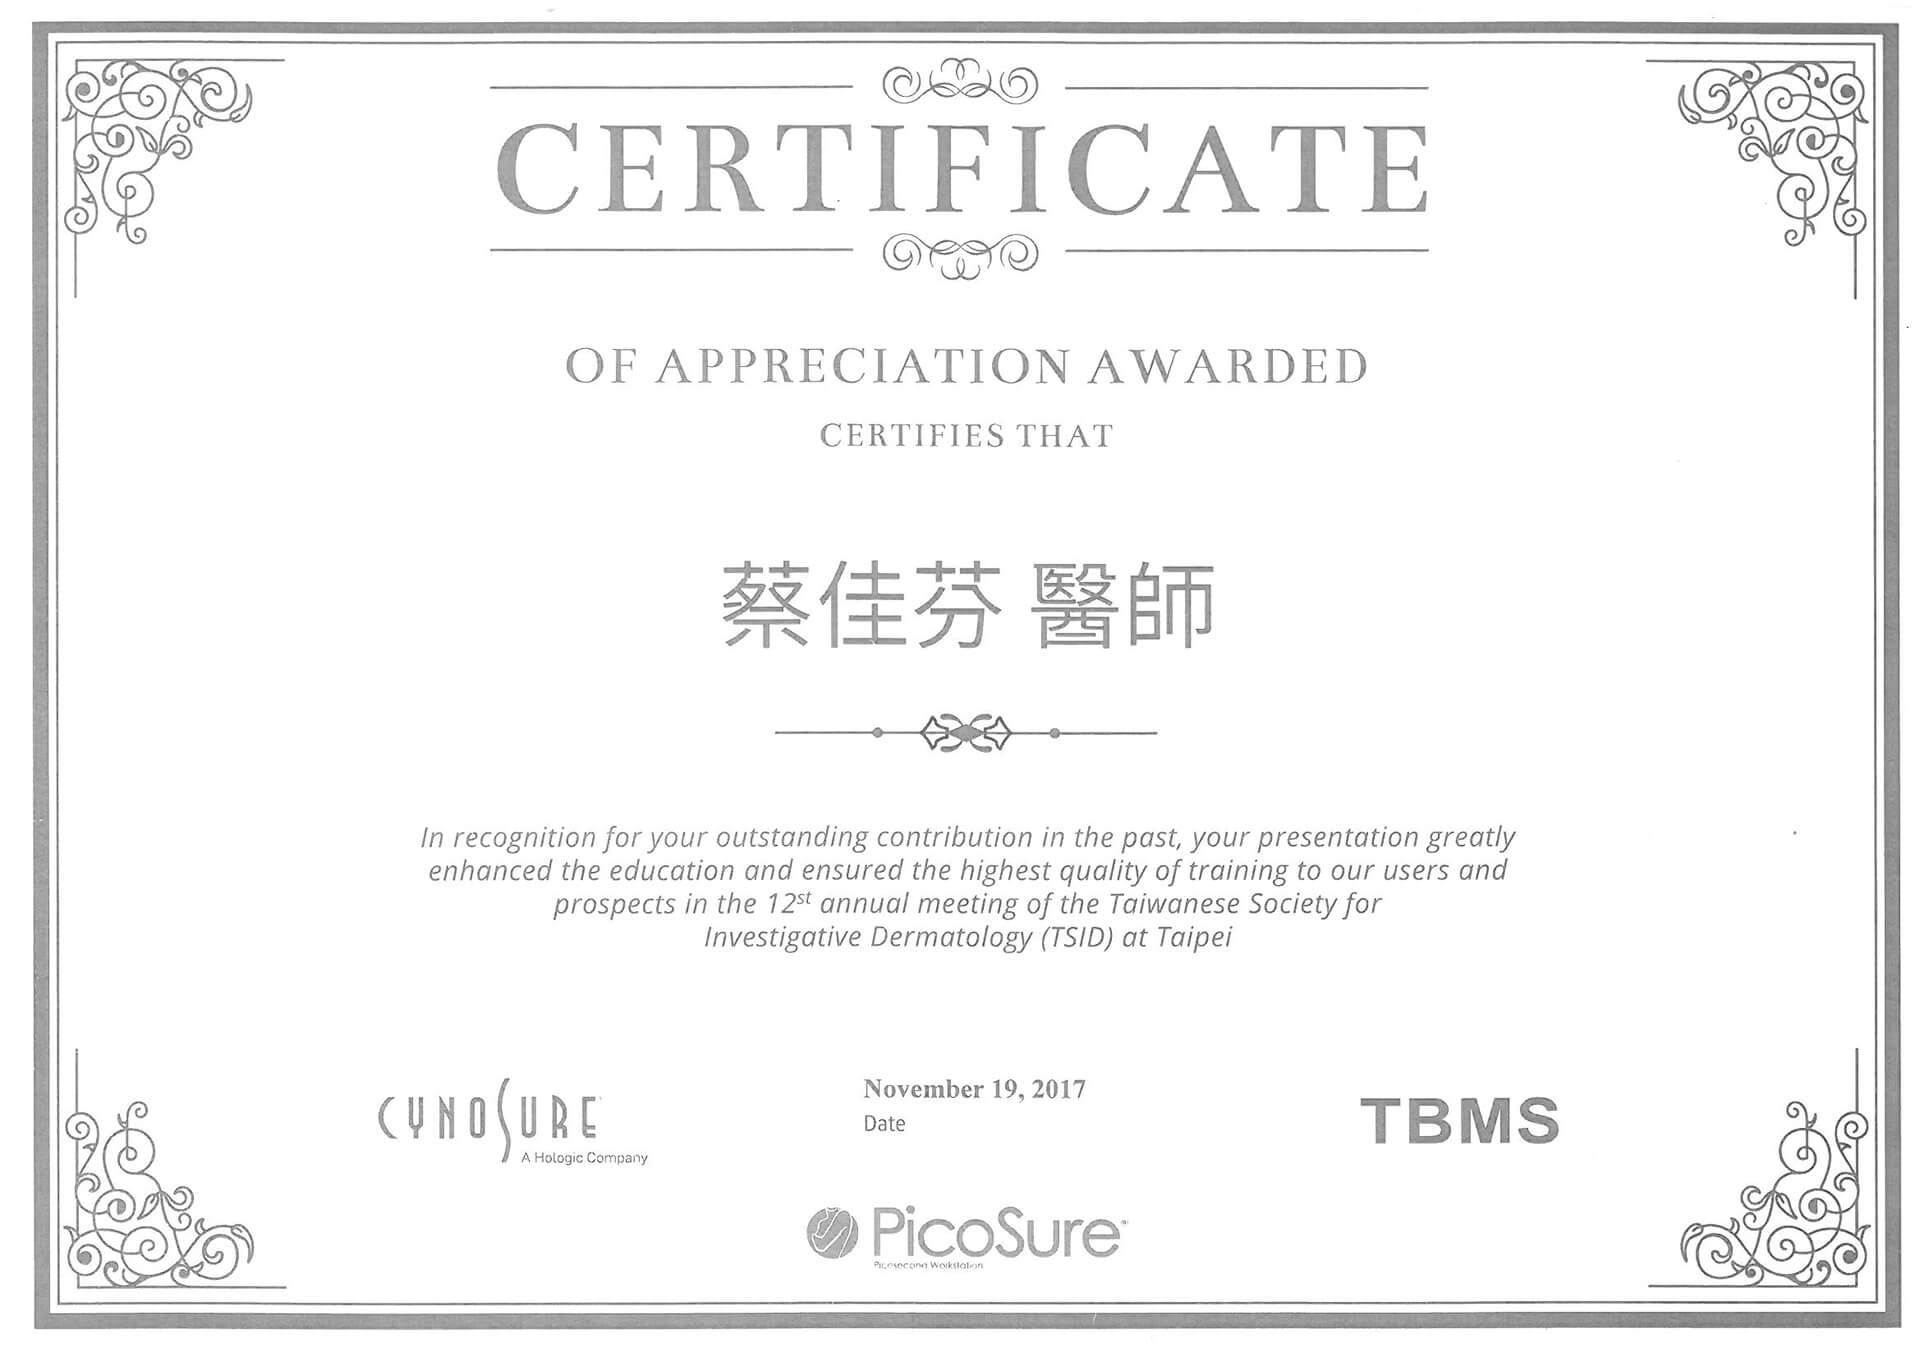 蔡佳芬-Picosure755-2017.jpg